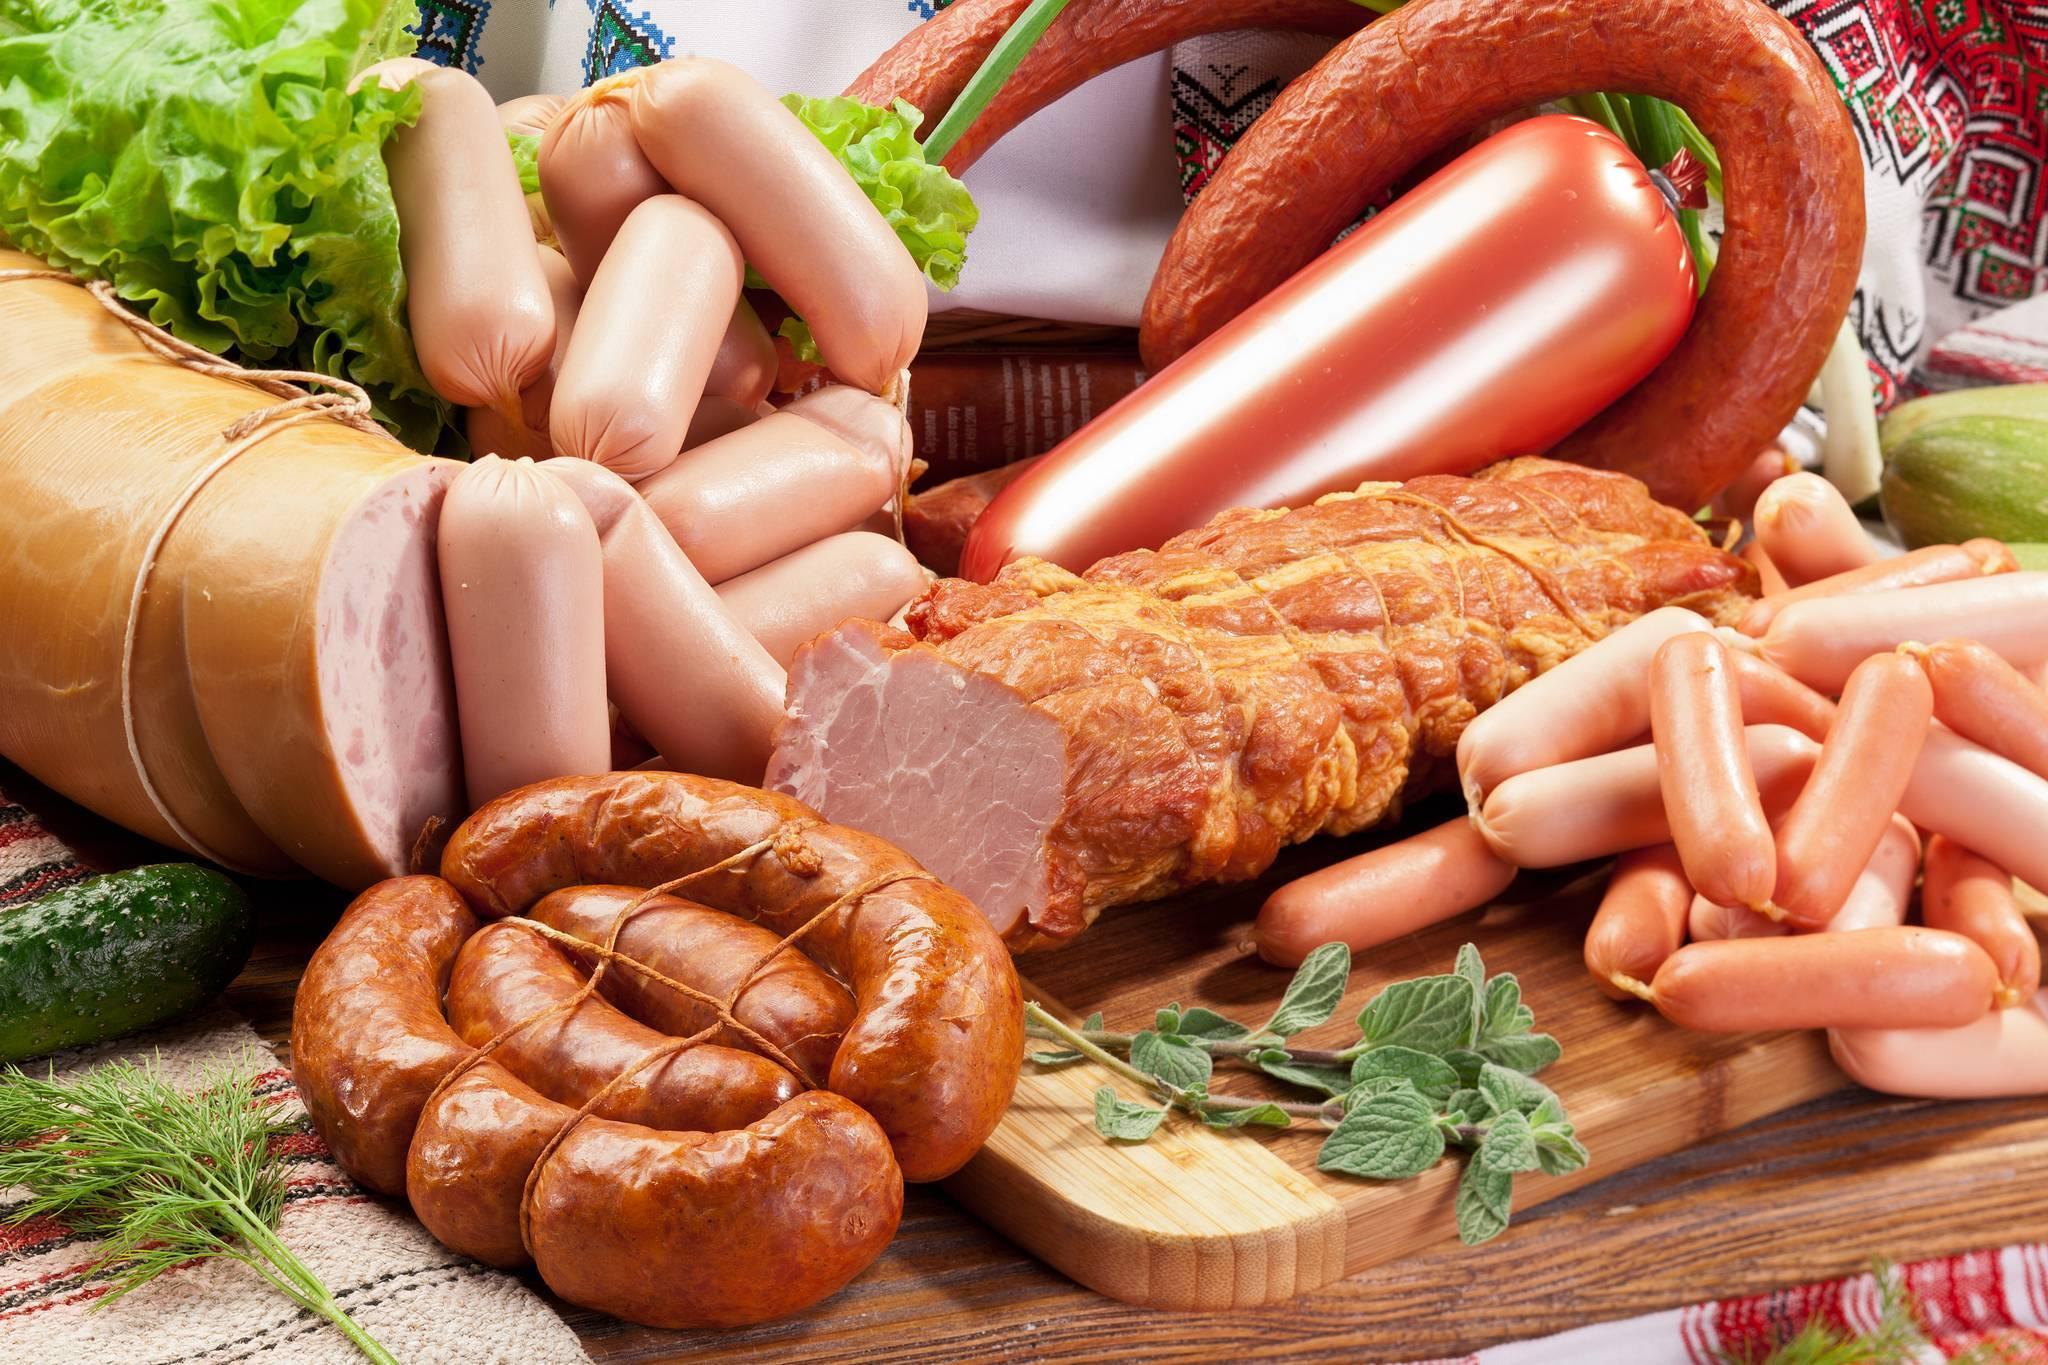 Можно ли кормящей маме вареную колбасу и сосиски: нормы употребления при лактации (видео)